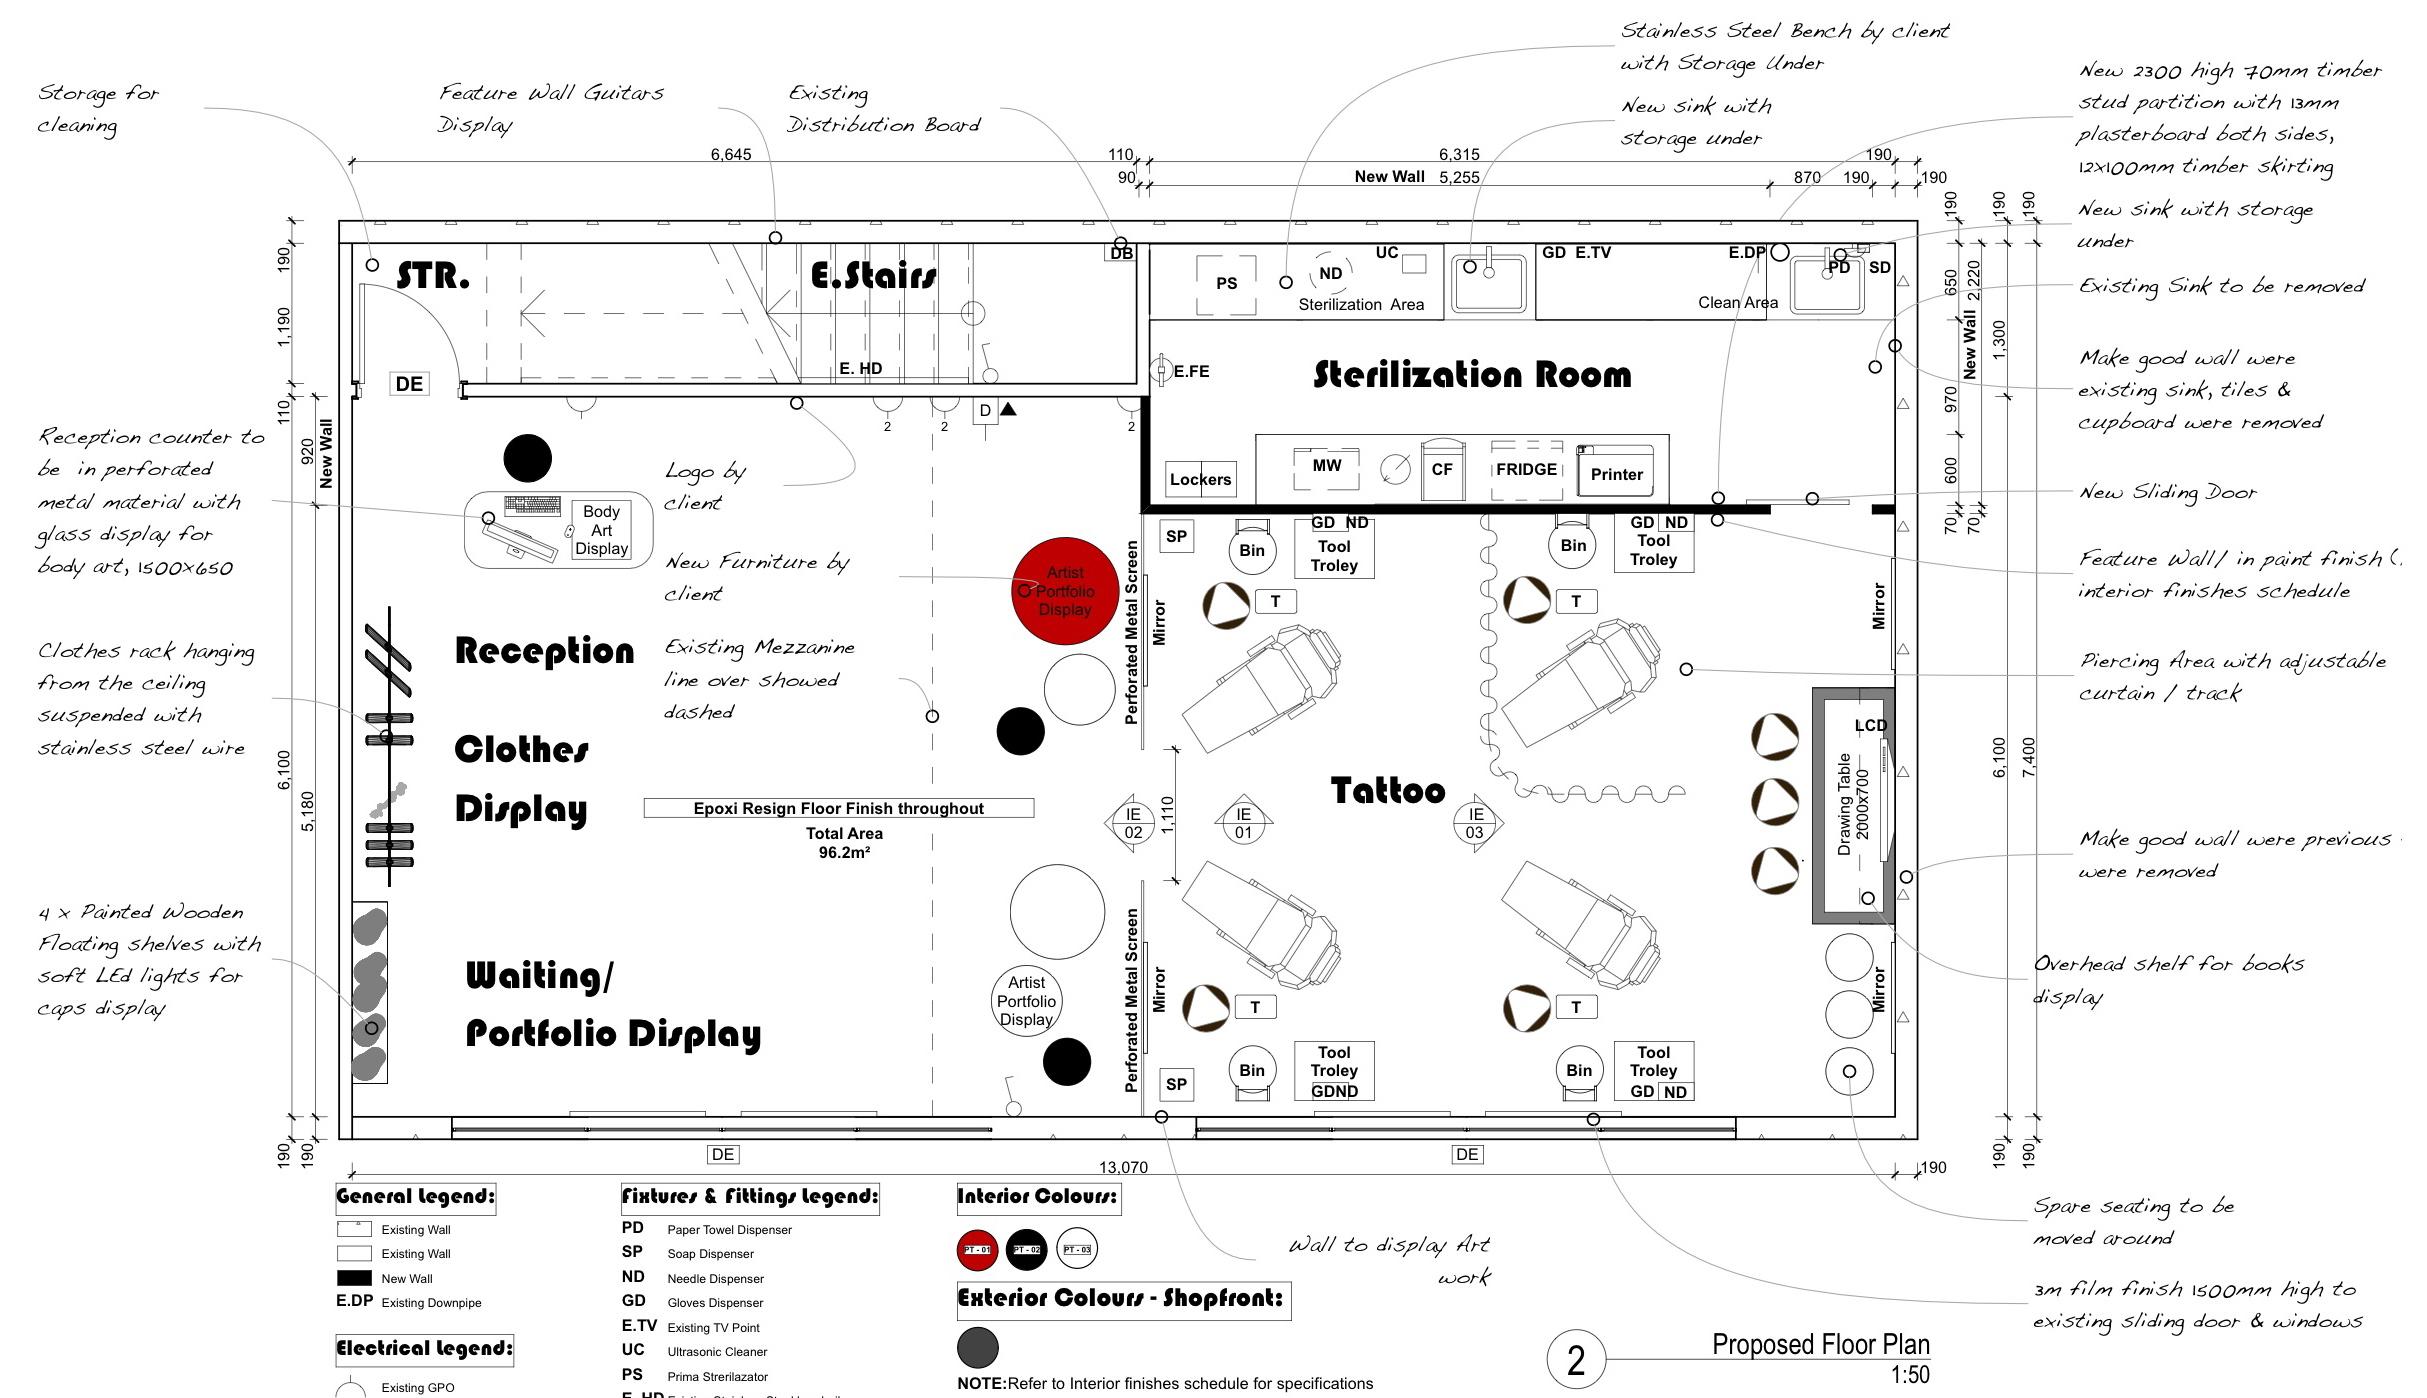 WD 02 Proposed Floor Plan.jpg